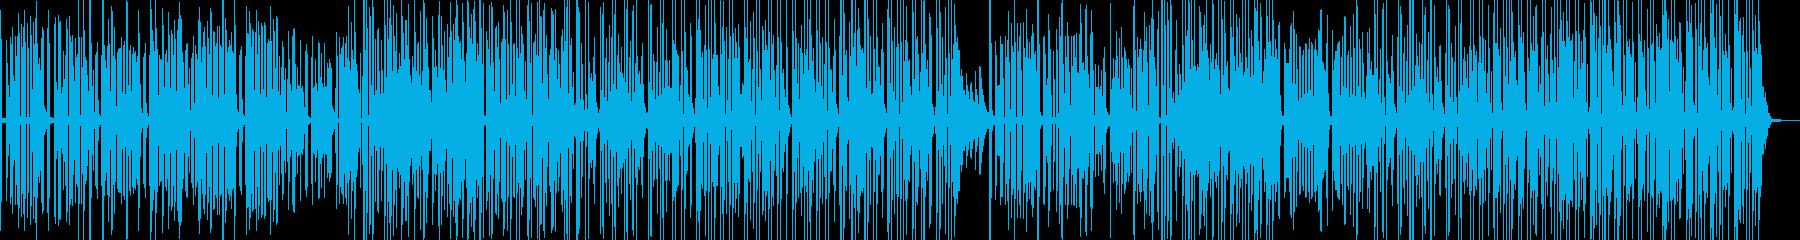 グダグダな演出に・コミカルポップ Cの再生済みの波形